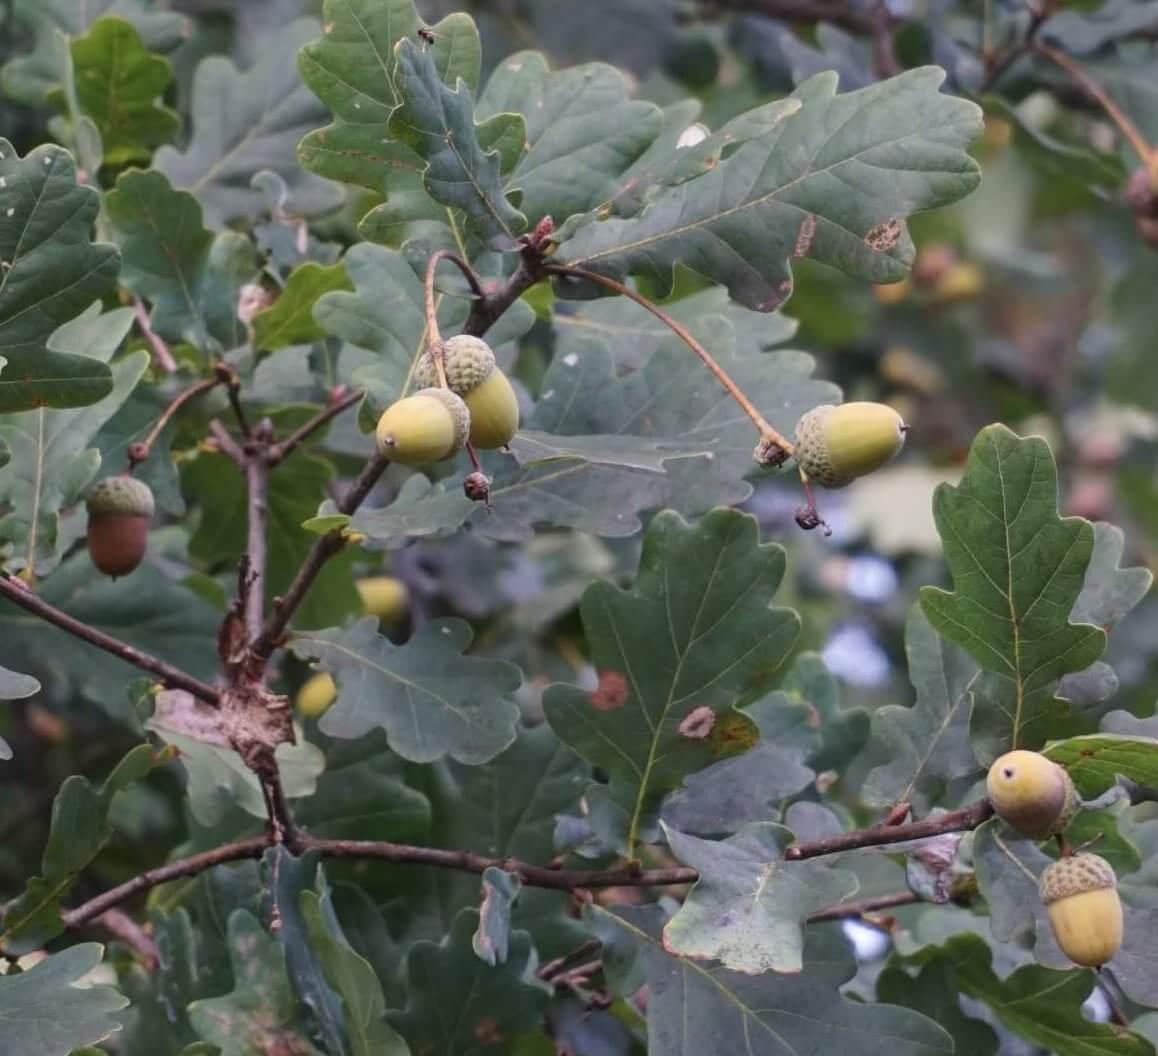 Das Bild zeigt die Eichel-Früchte der Stiel-Eiche, die an langen Stielen hängen. Eine genetisch annähernd reine Stiel-Eiche weist dabei nur eine Eichel pro Stiel auf. Die Aufnahme entstand an einem Exemplar westlich der Ortschaft Müggelheim.